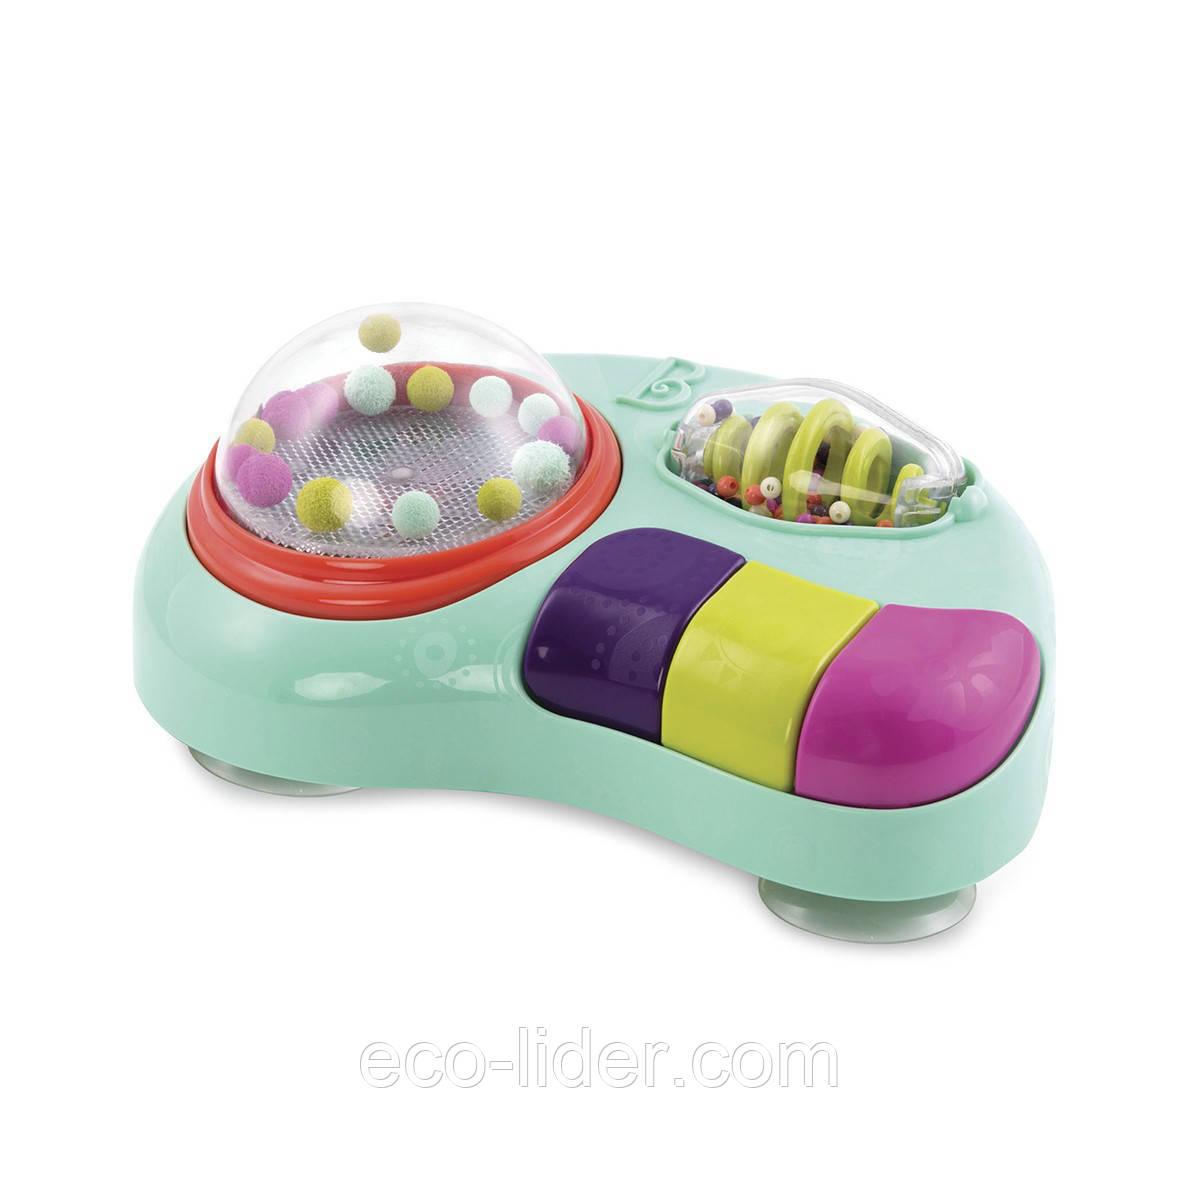 Музична іграшка - КУЛЬКИ-ЛІХТАРИКИ (світло, звук, на присосках)